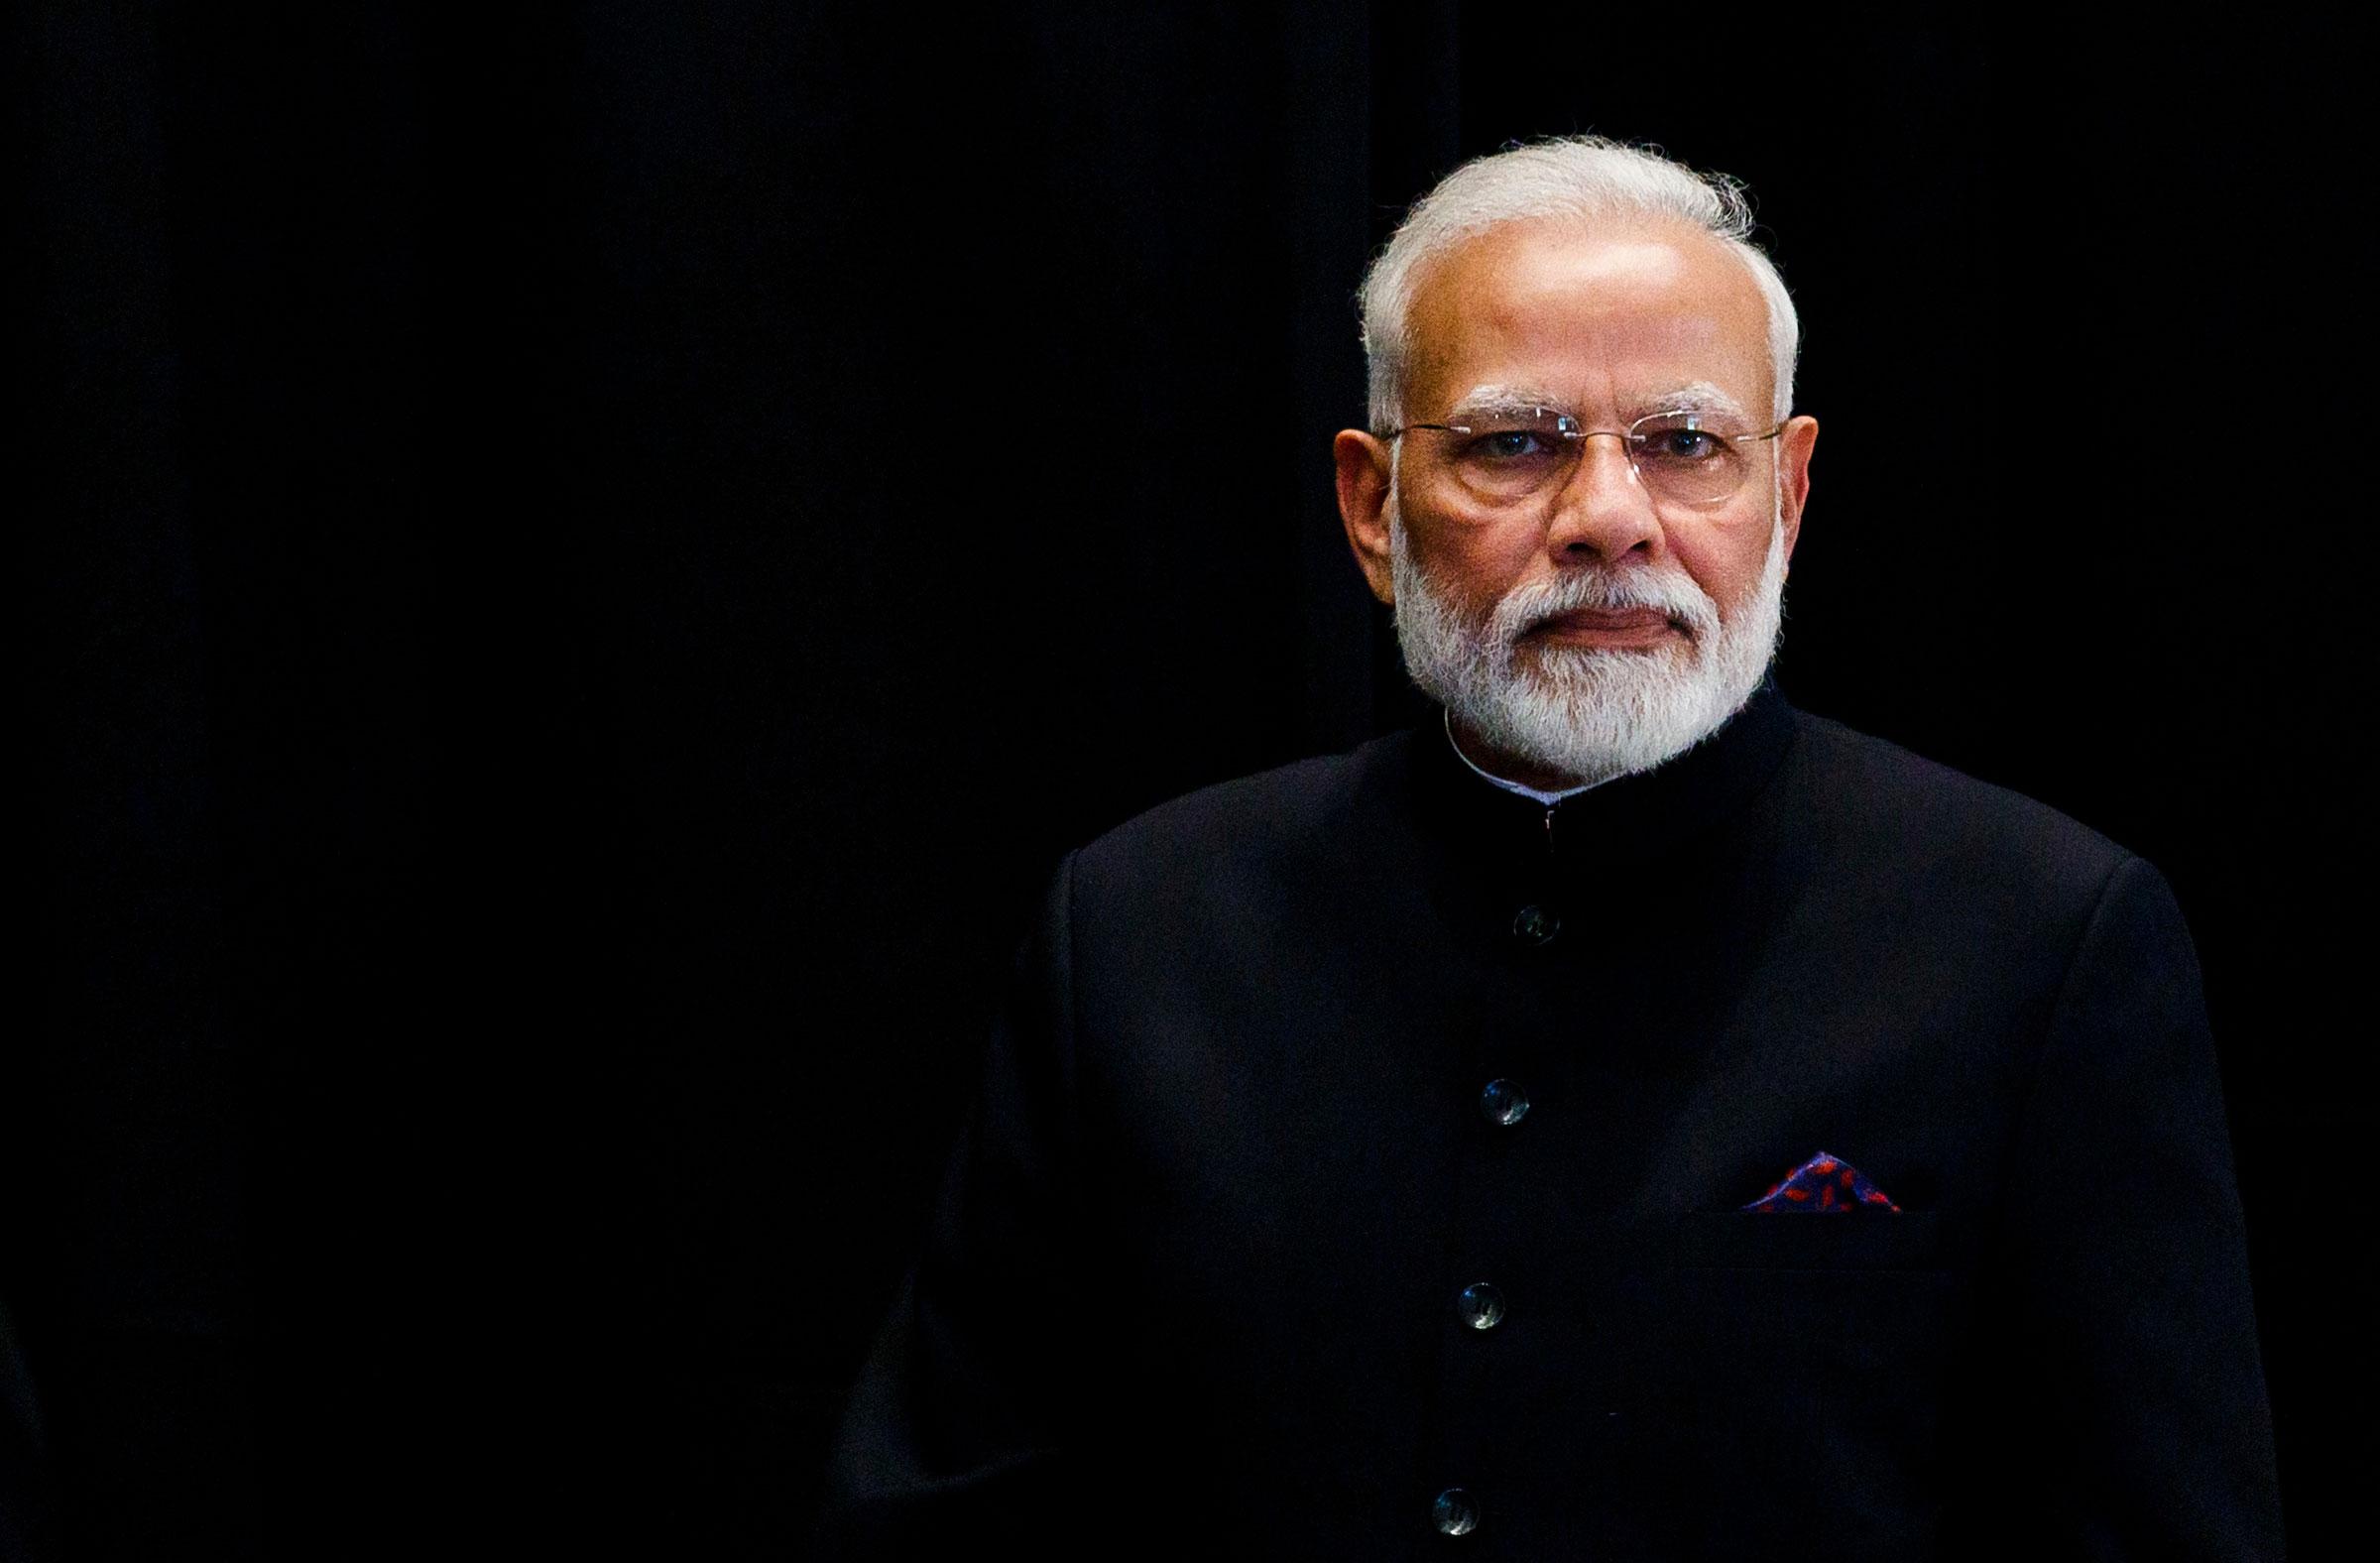 رئيس الوزراء الهندي الراديكالية المتزايدة هي السبب الرئيسي للتحديات التى تواجه آسيا